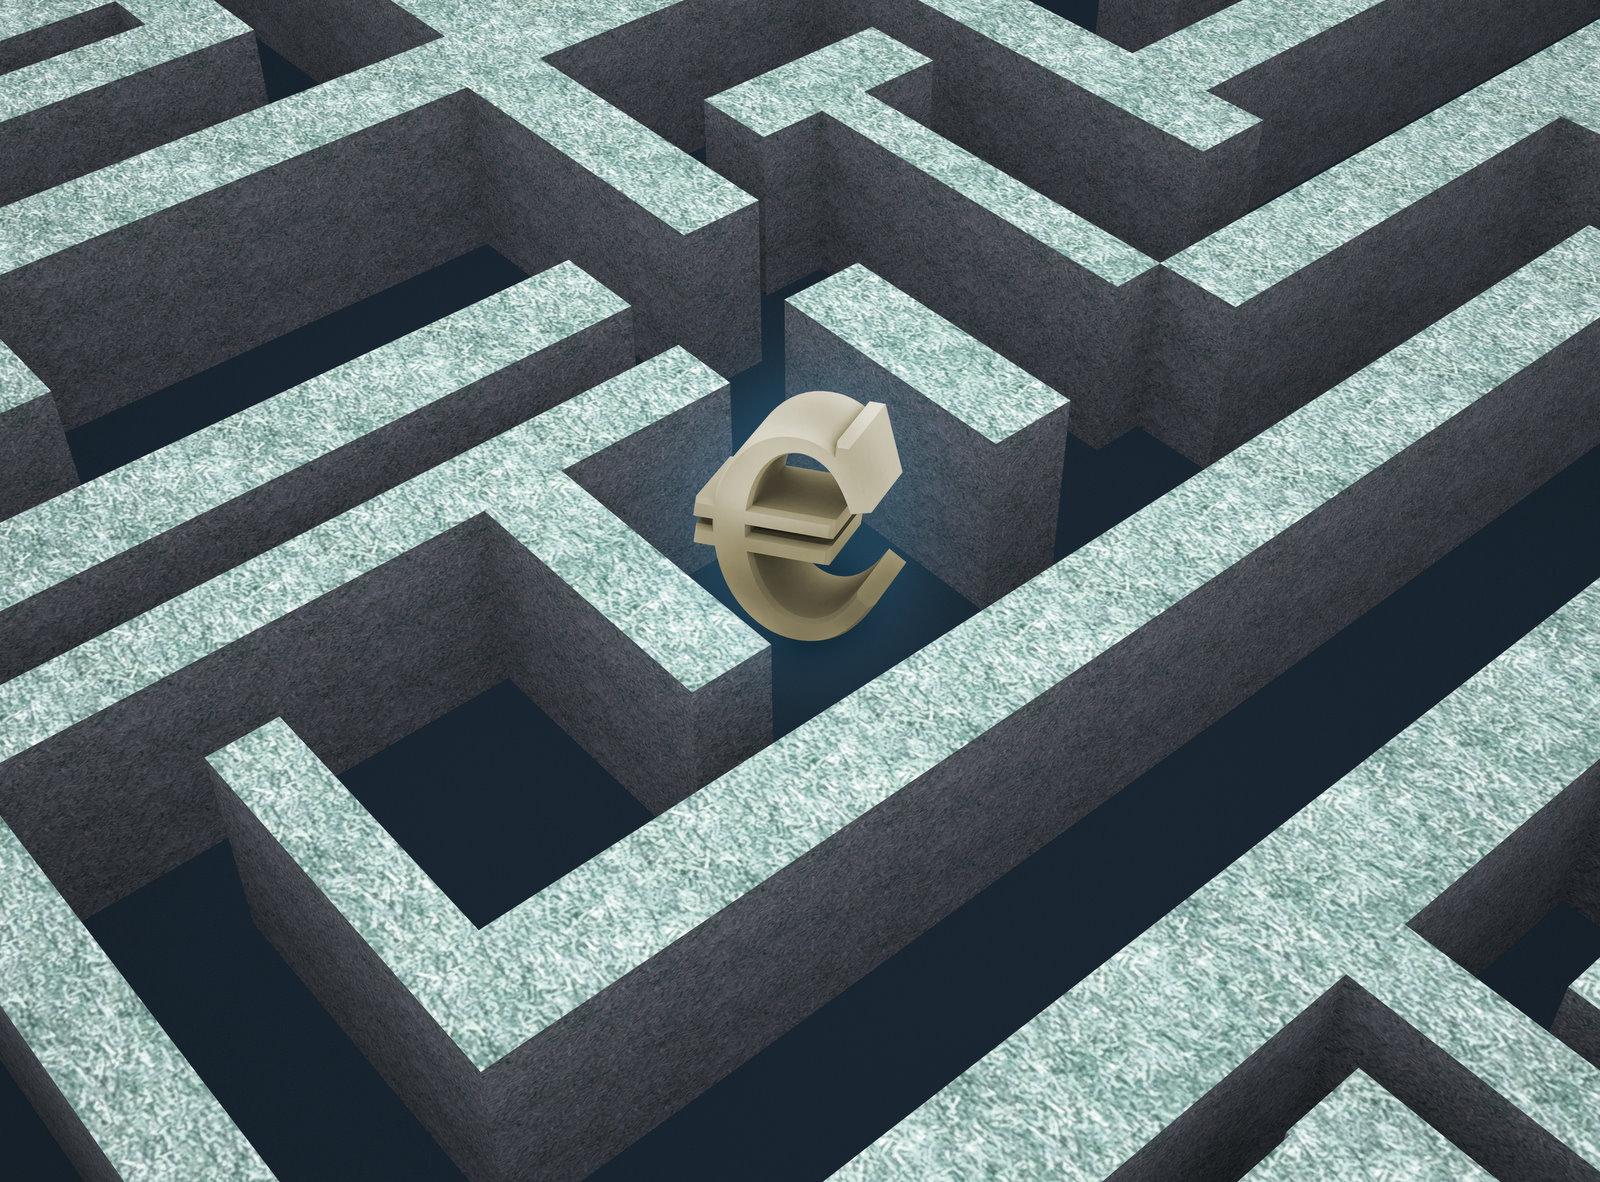 [maze.jpg]